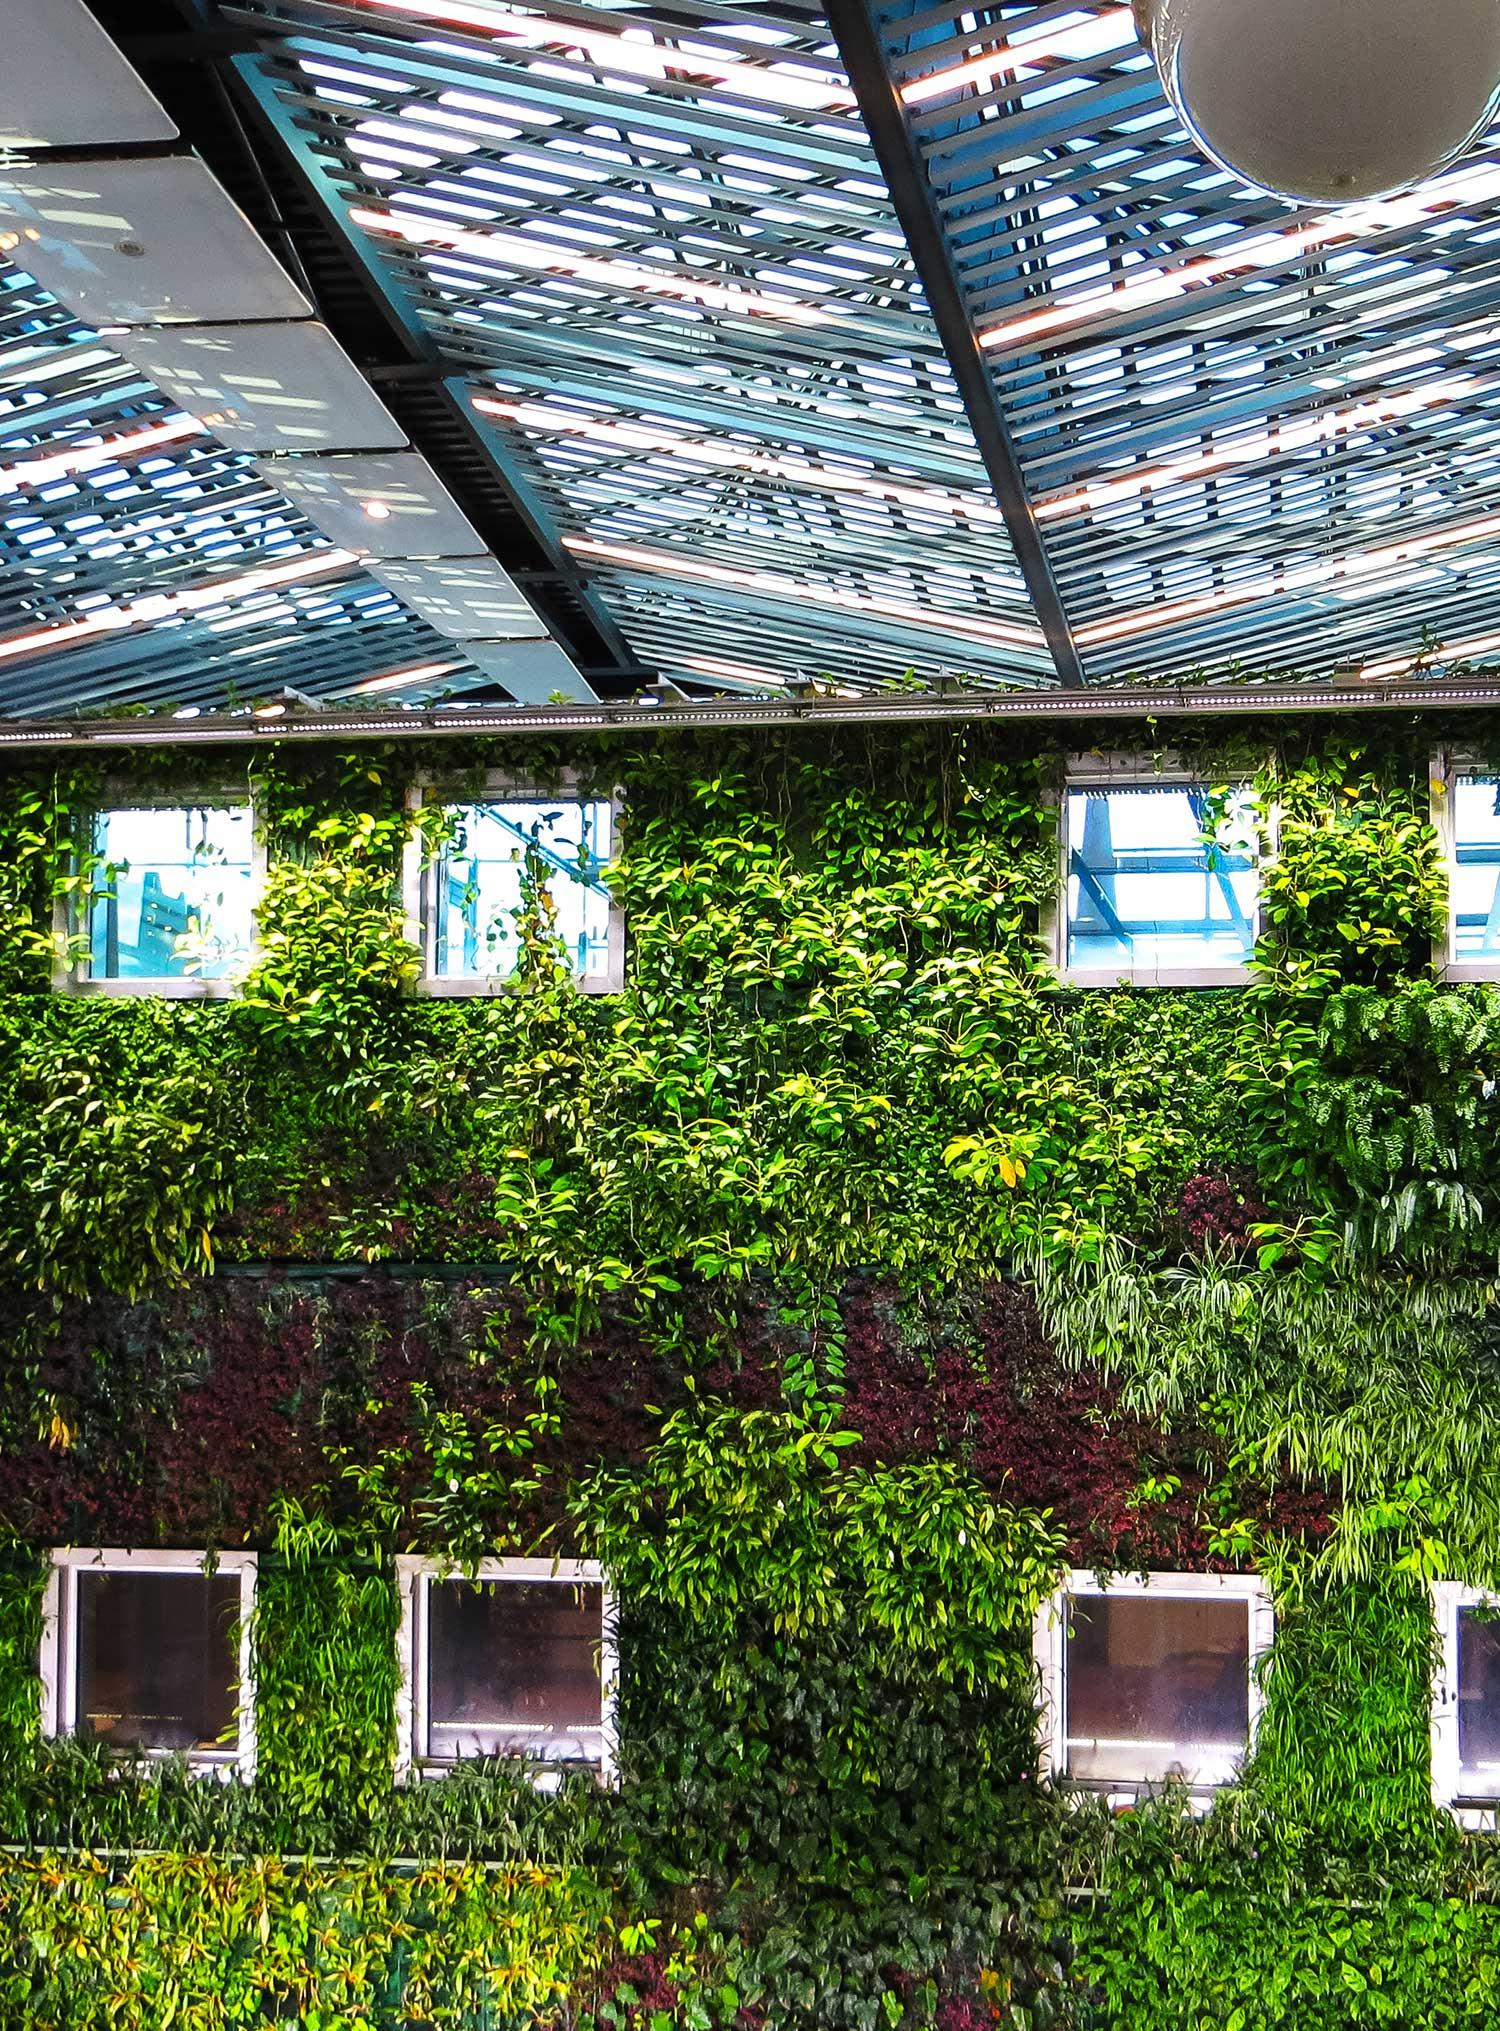 Växter på utsidan av en byggnad